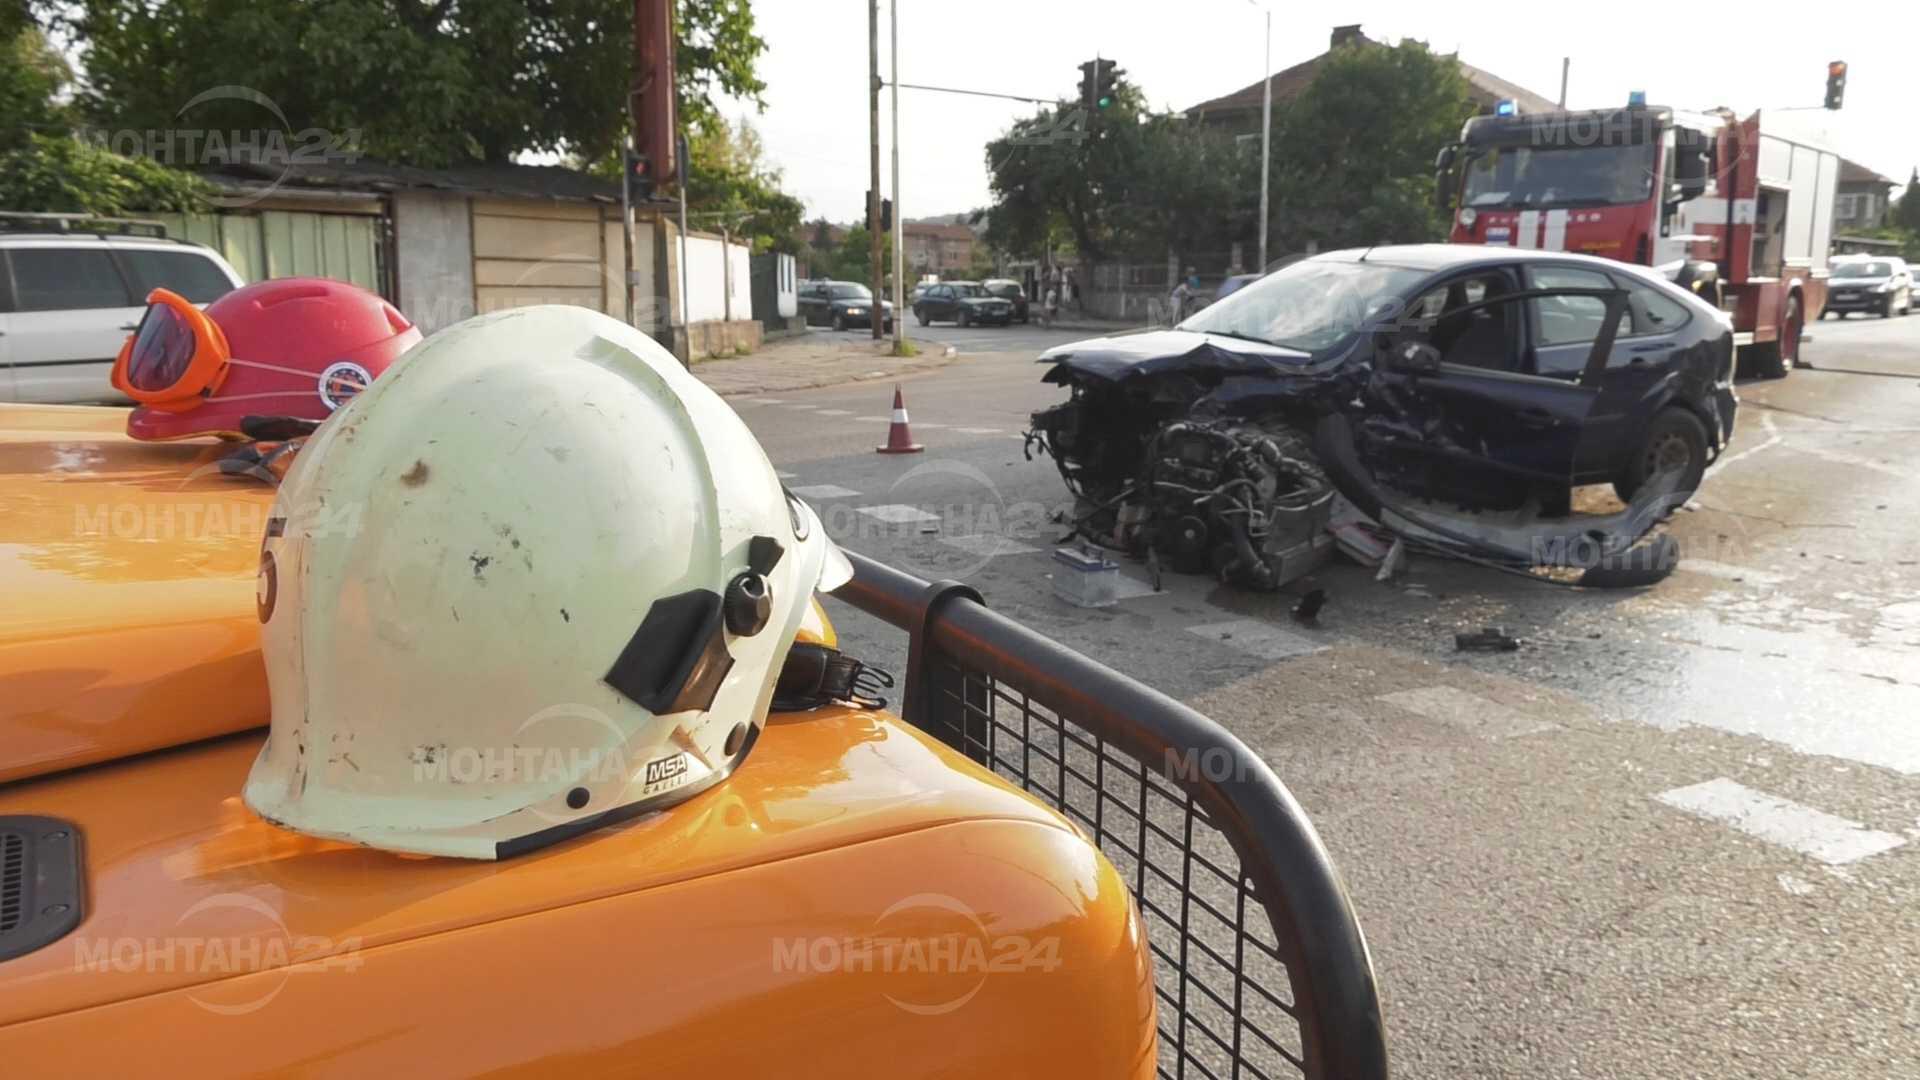 Пиян 20 годишен мъж от Берковица катастрофира снощи около 22,30 ч. между Монтана и Берковица, в района на село Комарево.